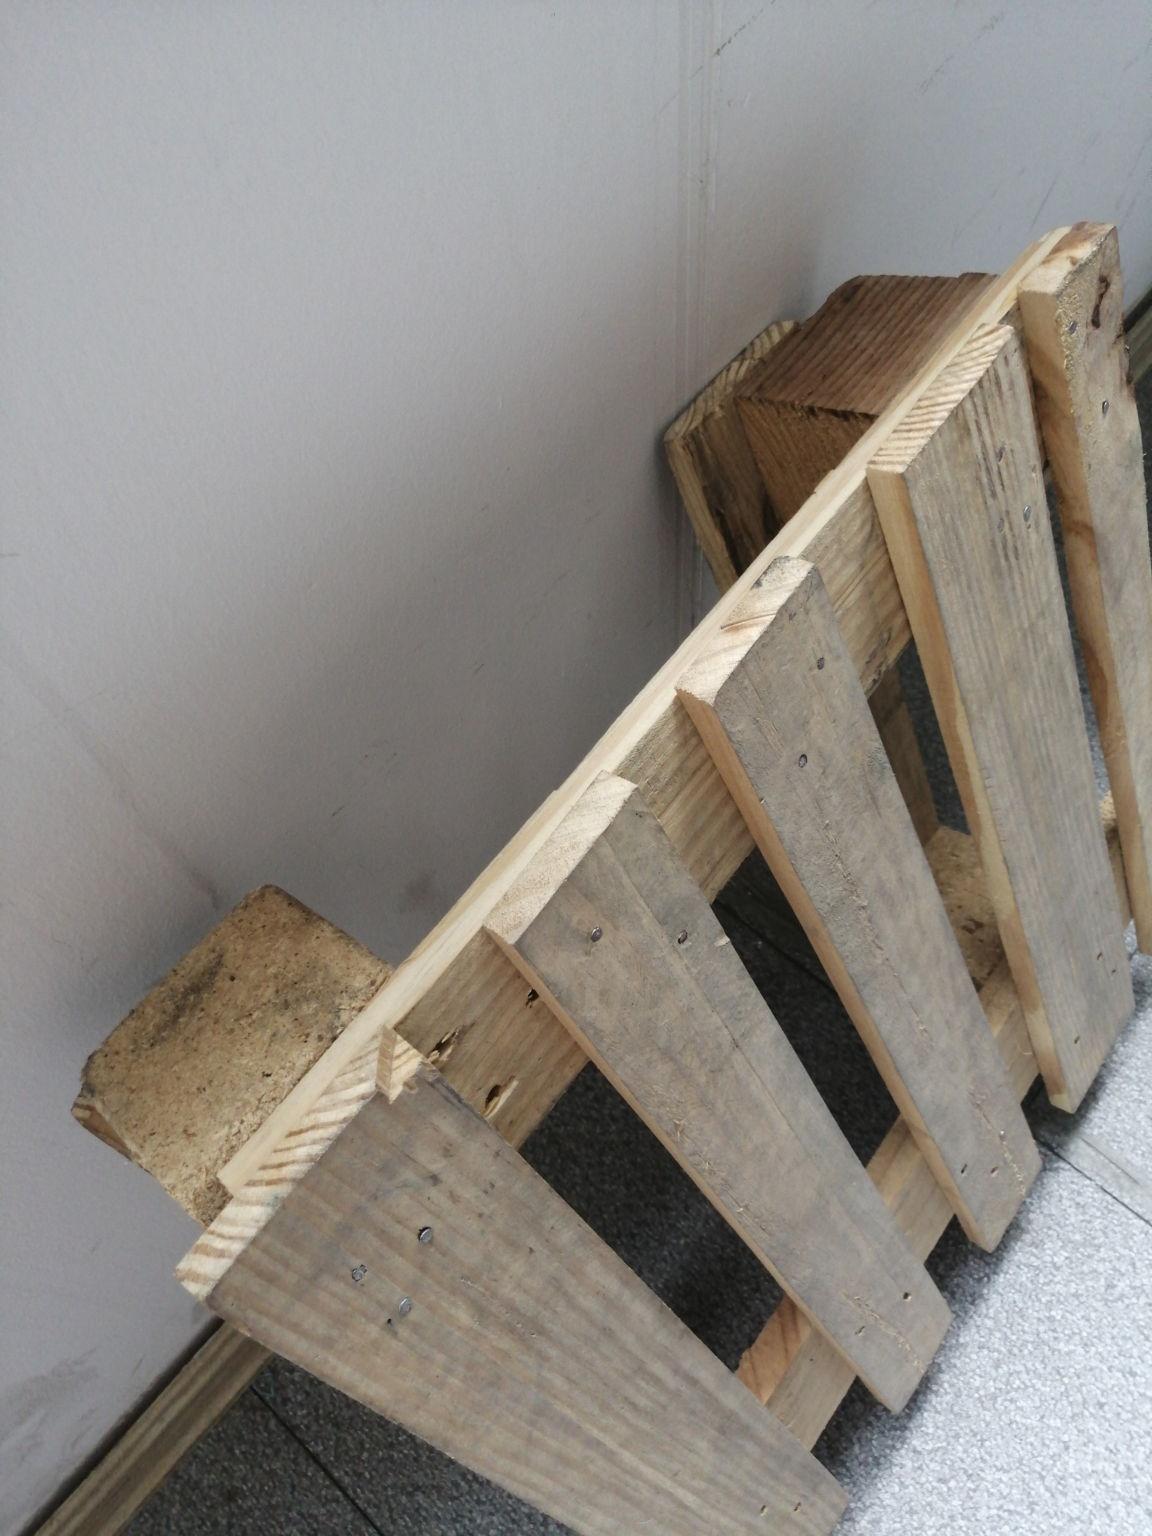 桐乡销售简易木托盘加工制作木卡车�,︶➄♤☲业展�,⒨↿ℎ�专业市场